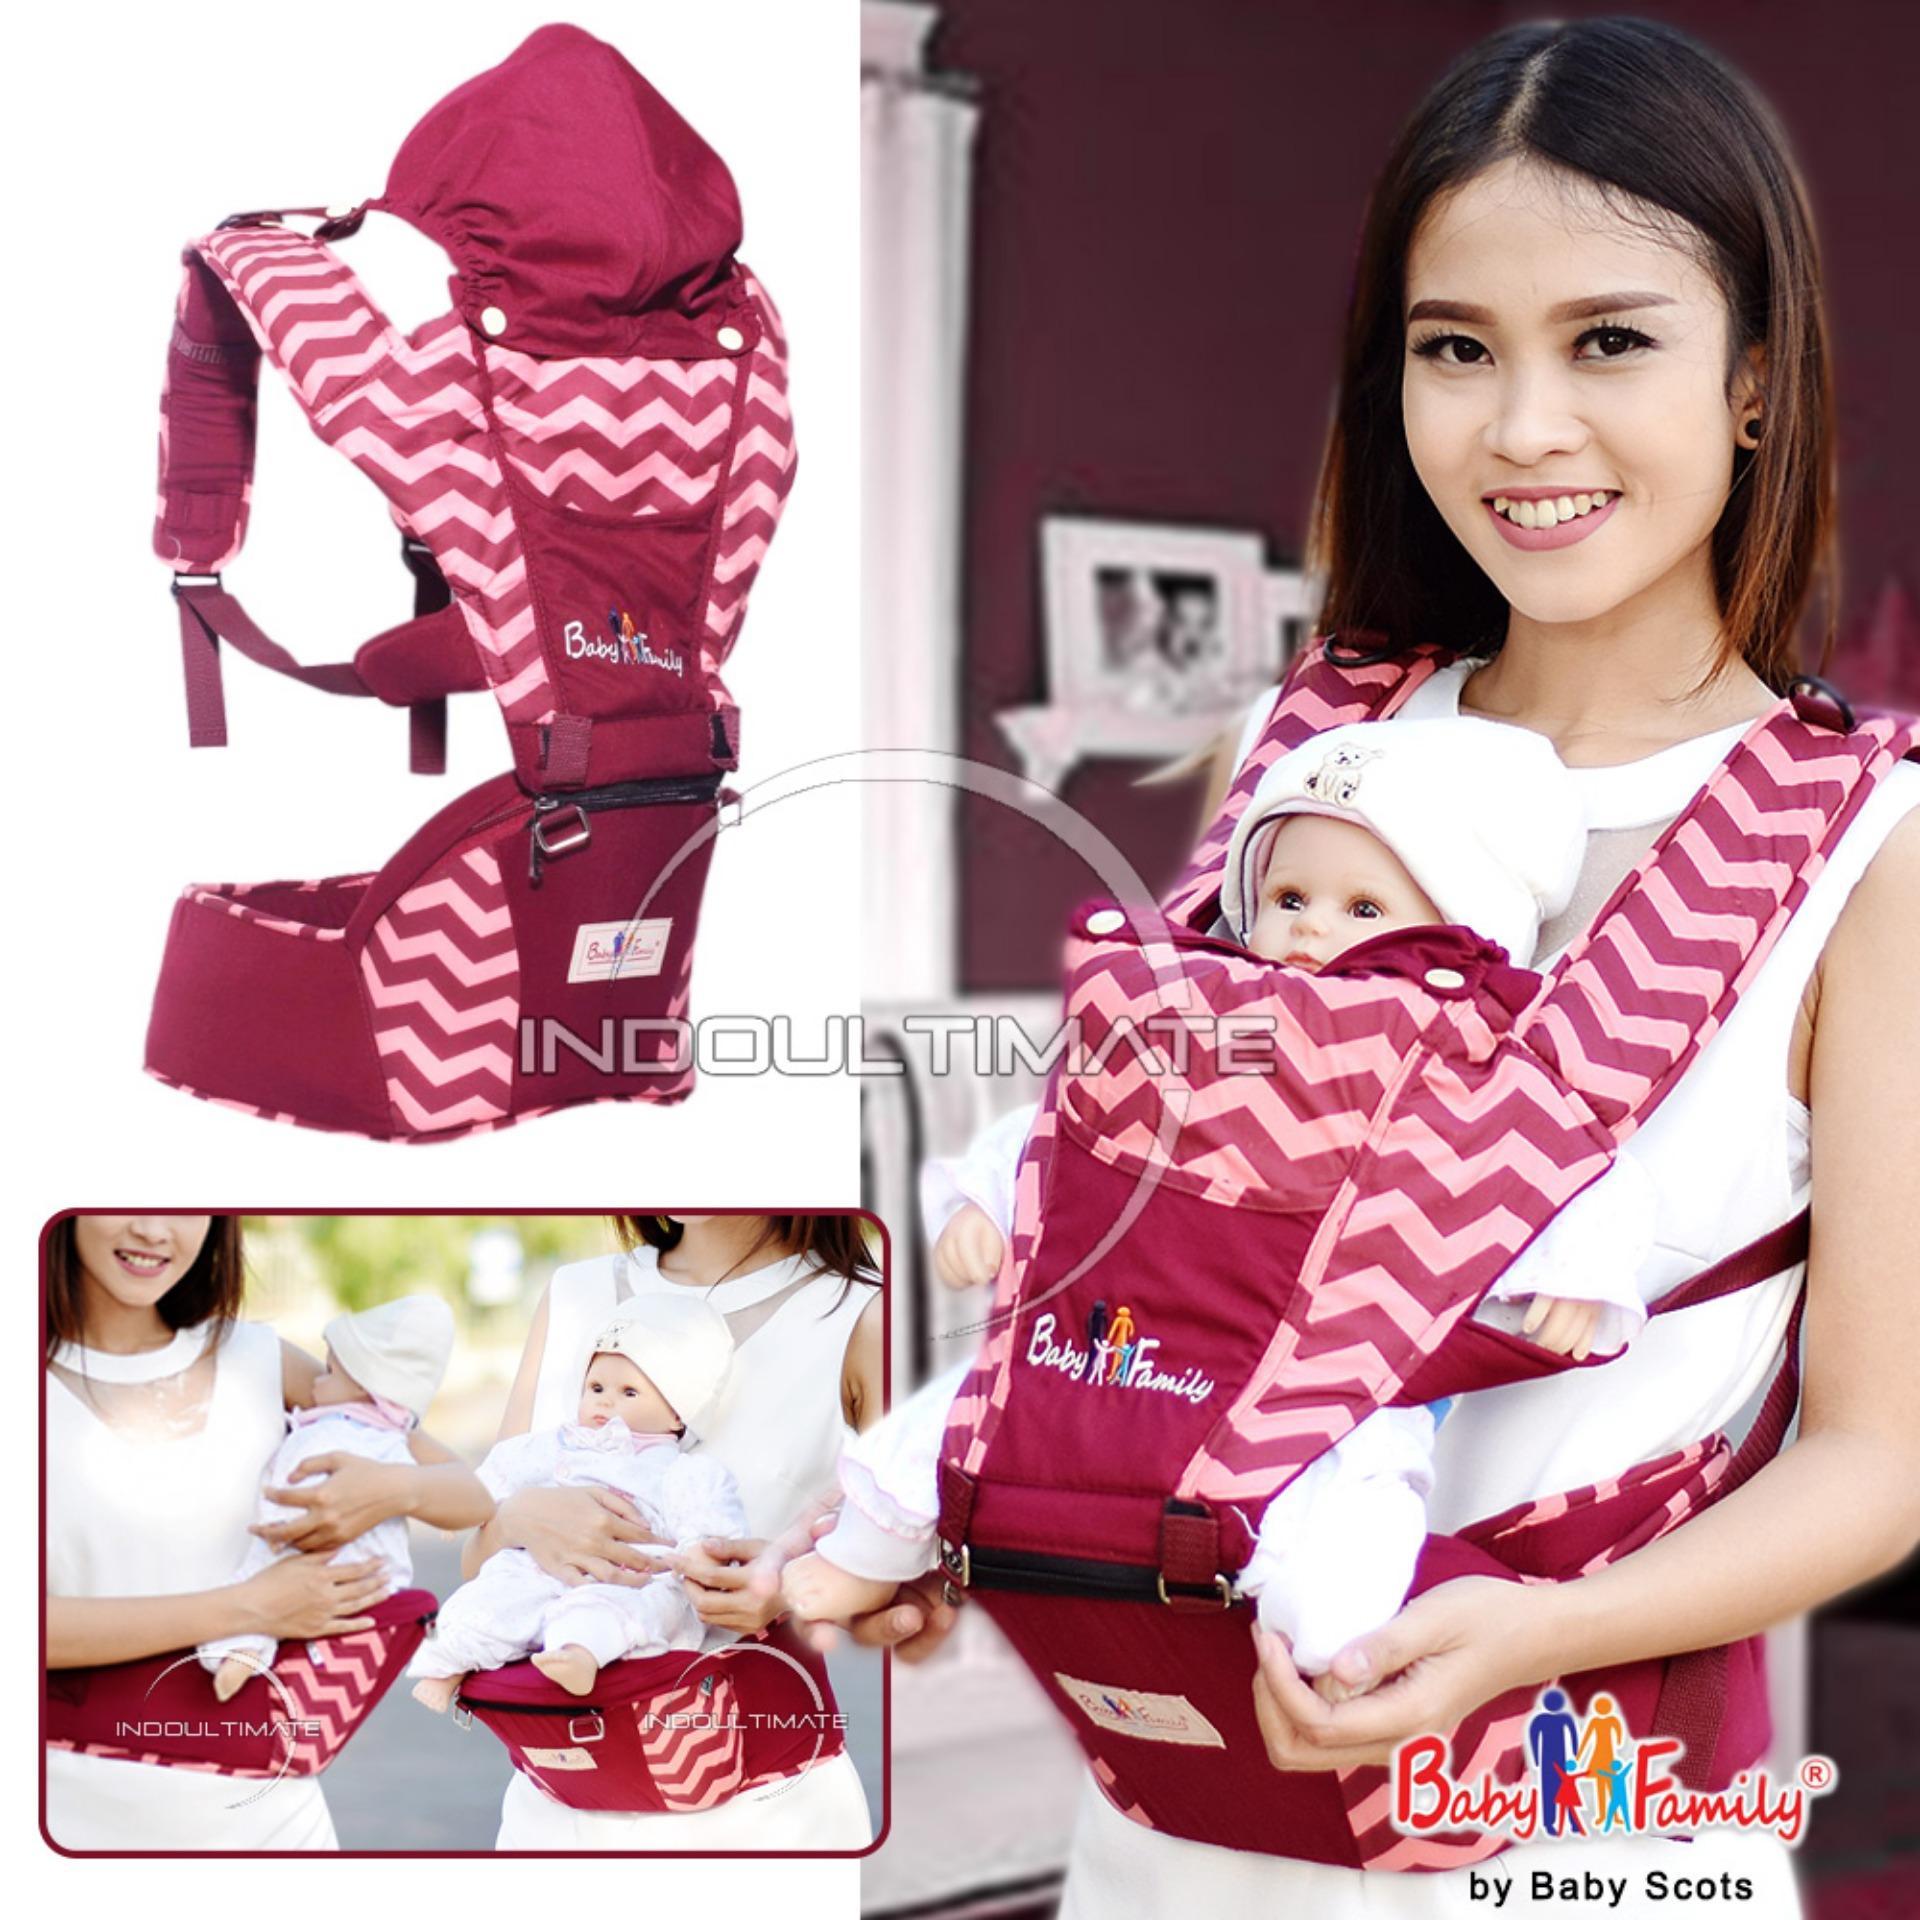 Gendongan Bayi Carrier Terbaik Geos Kaos Simple Sling Size Xl Baby Leon Hipseat By 51 Gb Duduk Anak Depan Multifungsi